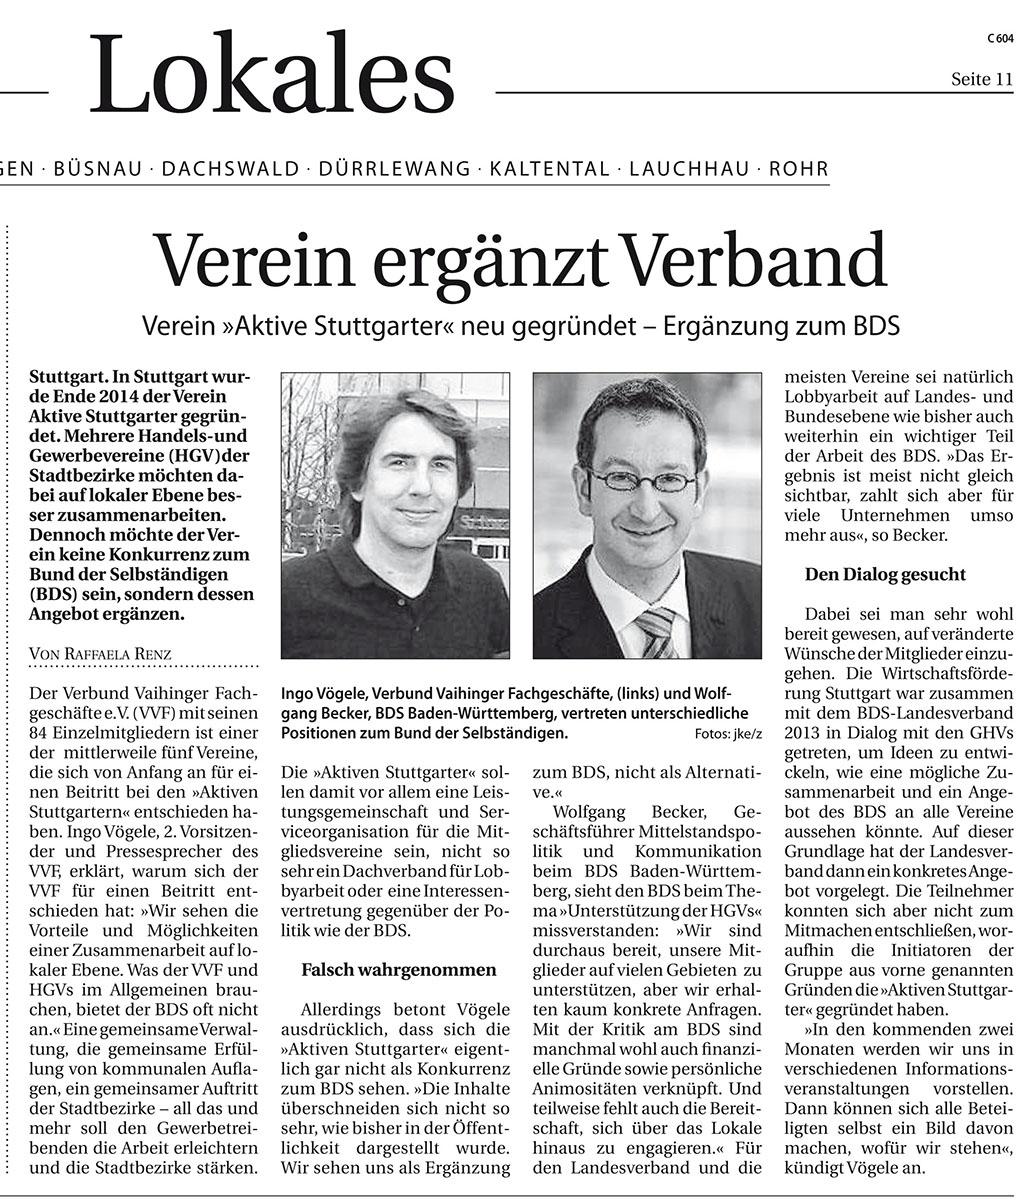 Verein ergänzt Verband - Bericht aus Filder Extra vom 04.02.2015